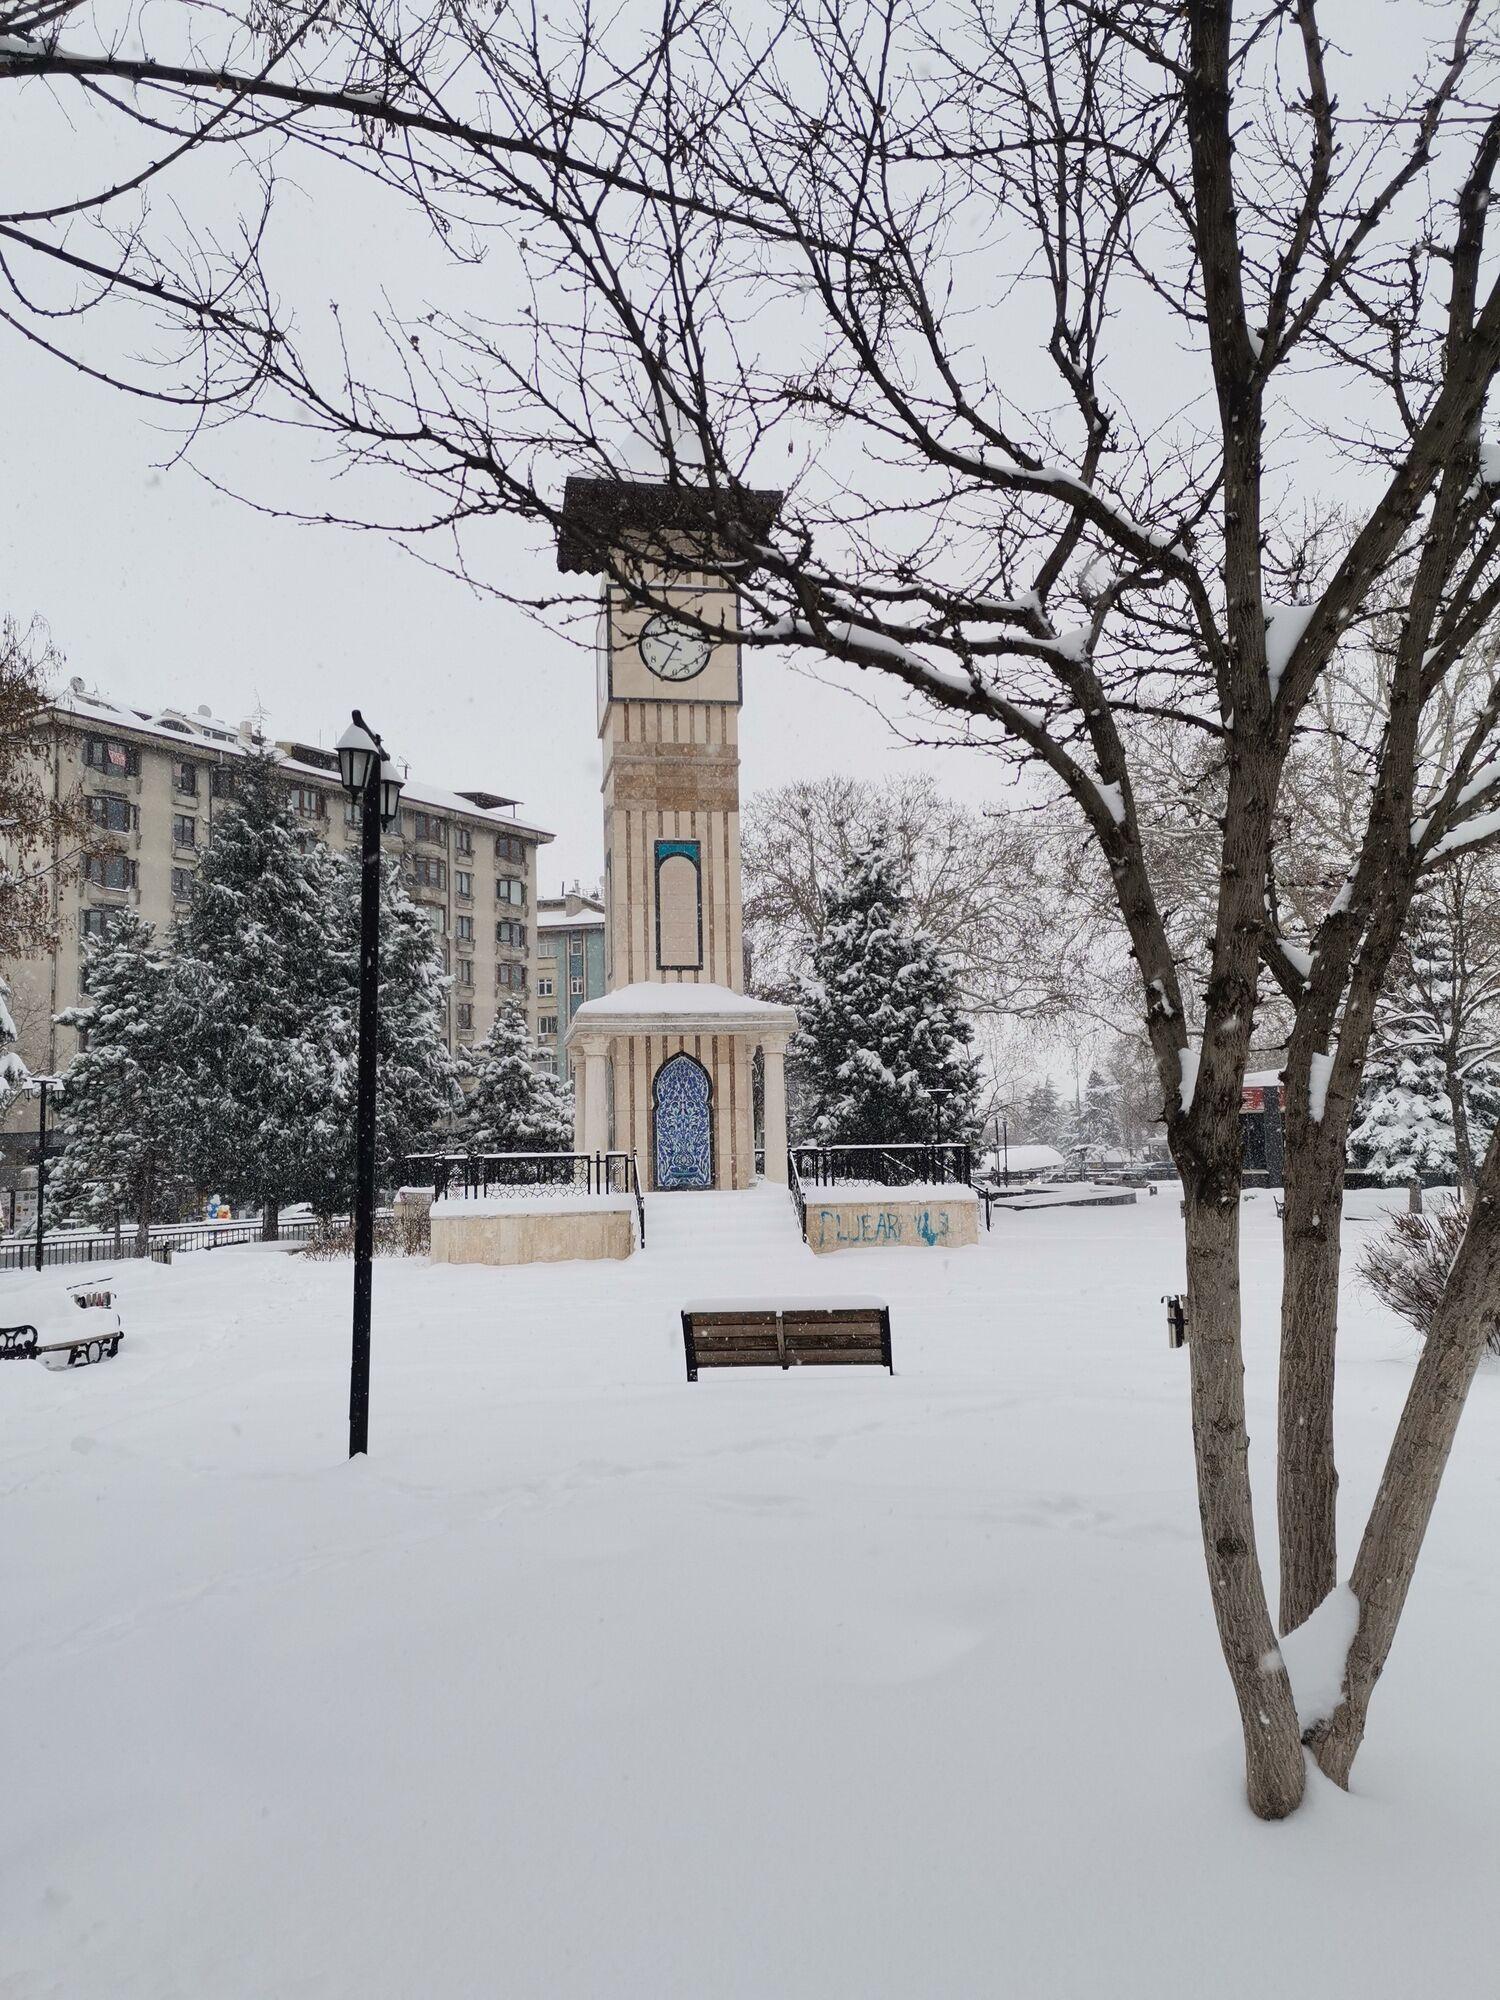 Сніг у місті Кютахья